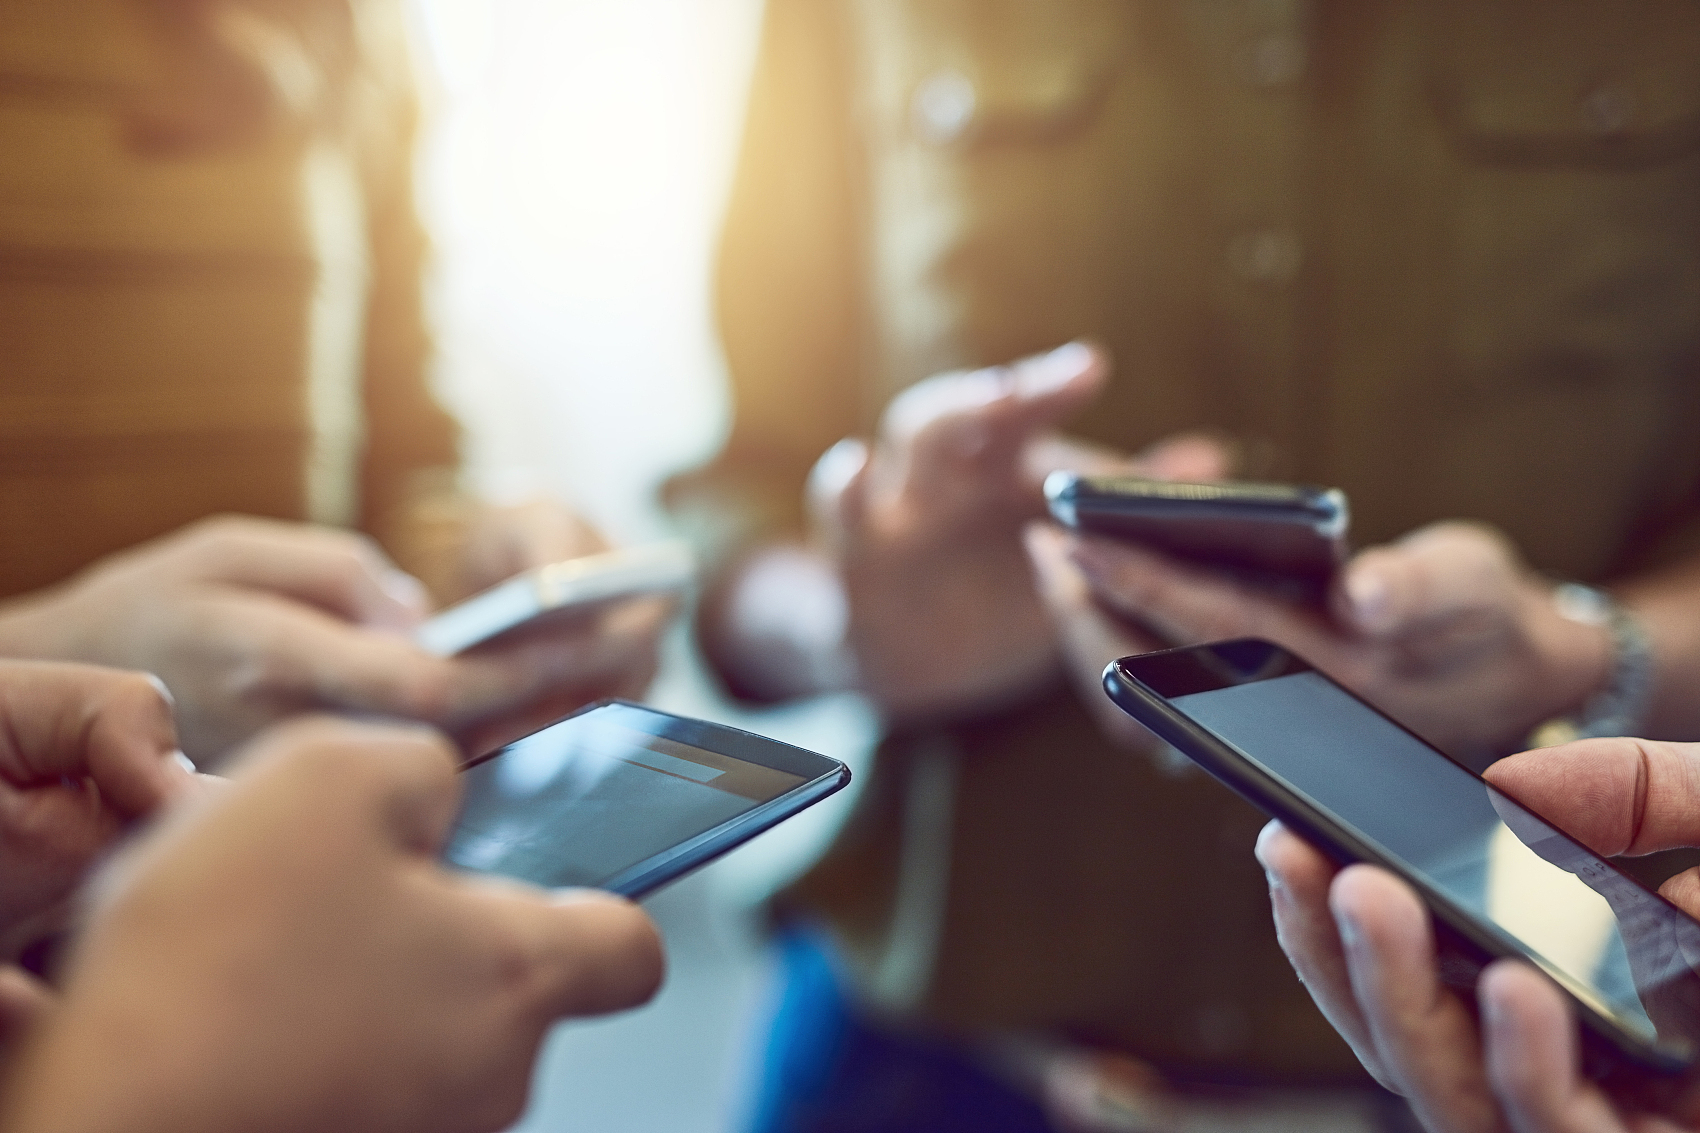 荣耀变局之下,国产智能手机九年往事